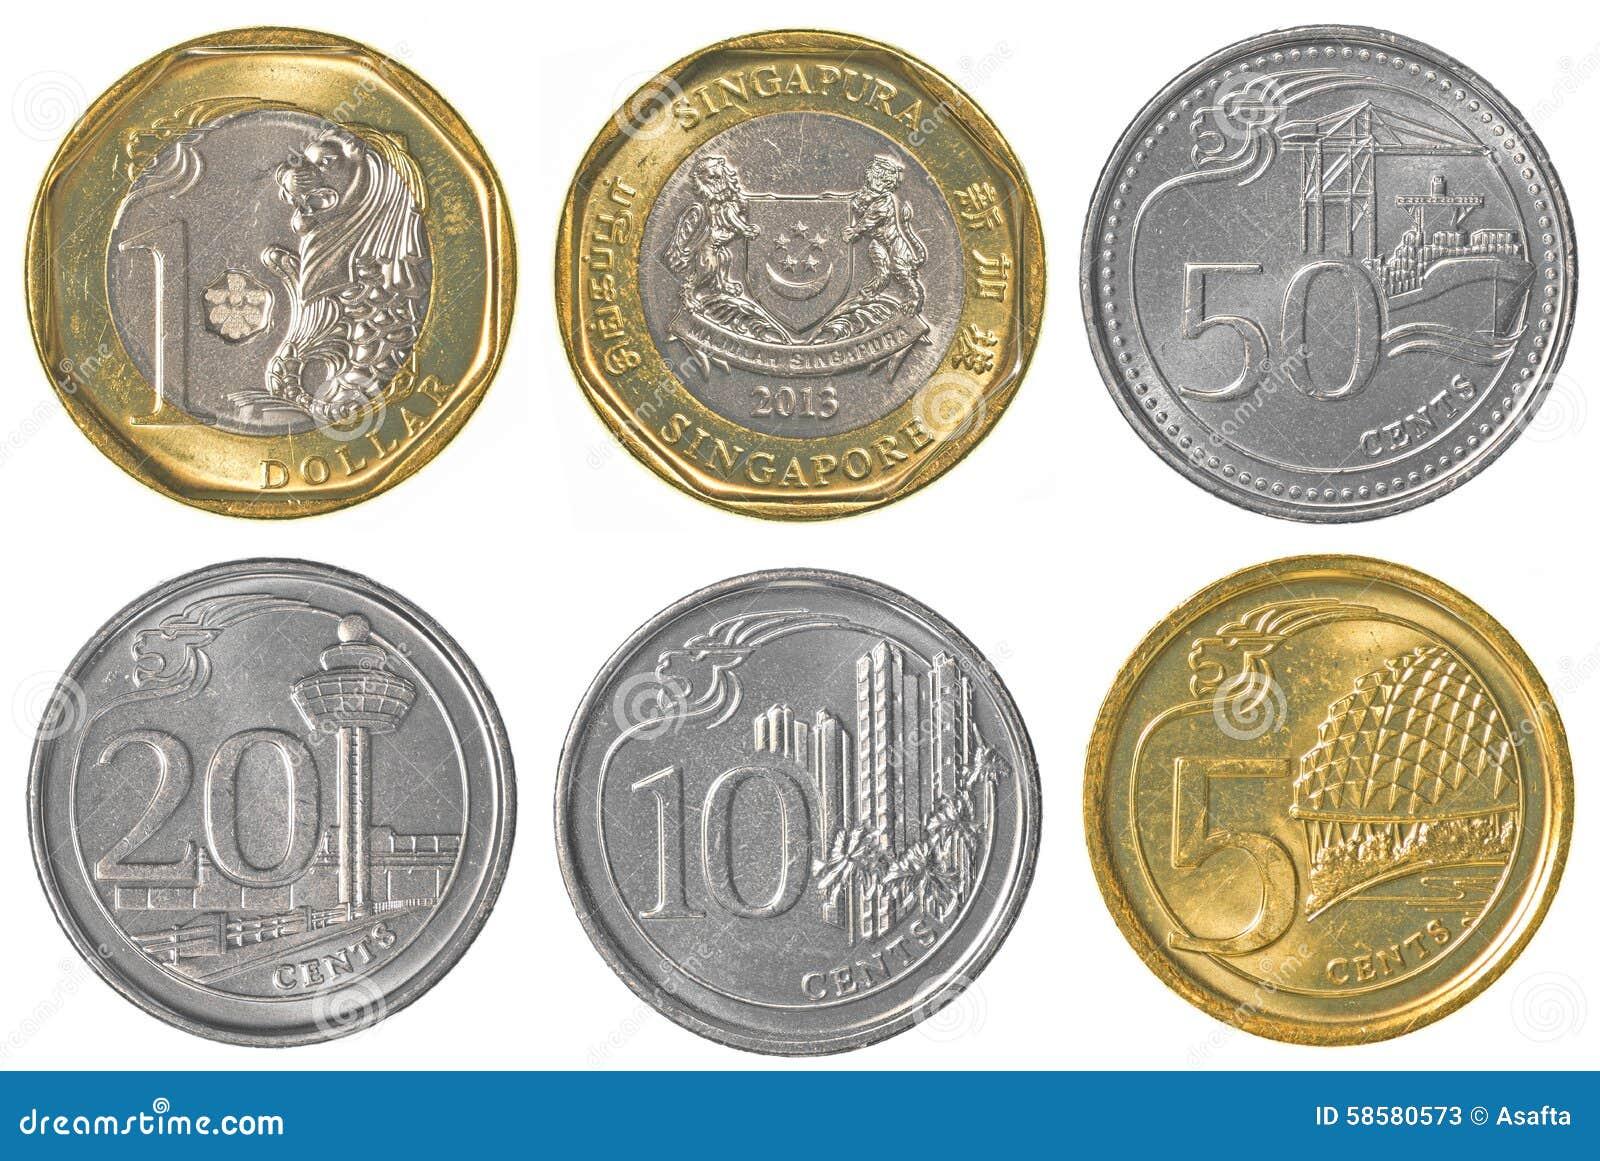 collection de pi ces de monnaie singapourienne du dollar photo stock image 58580573. Black Bedroom Furniture Sets. Home Design Ideas